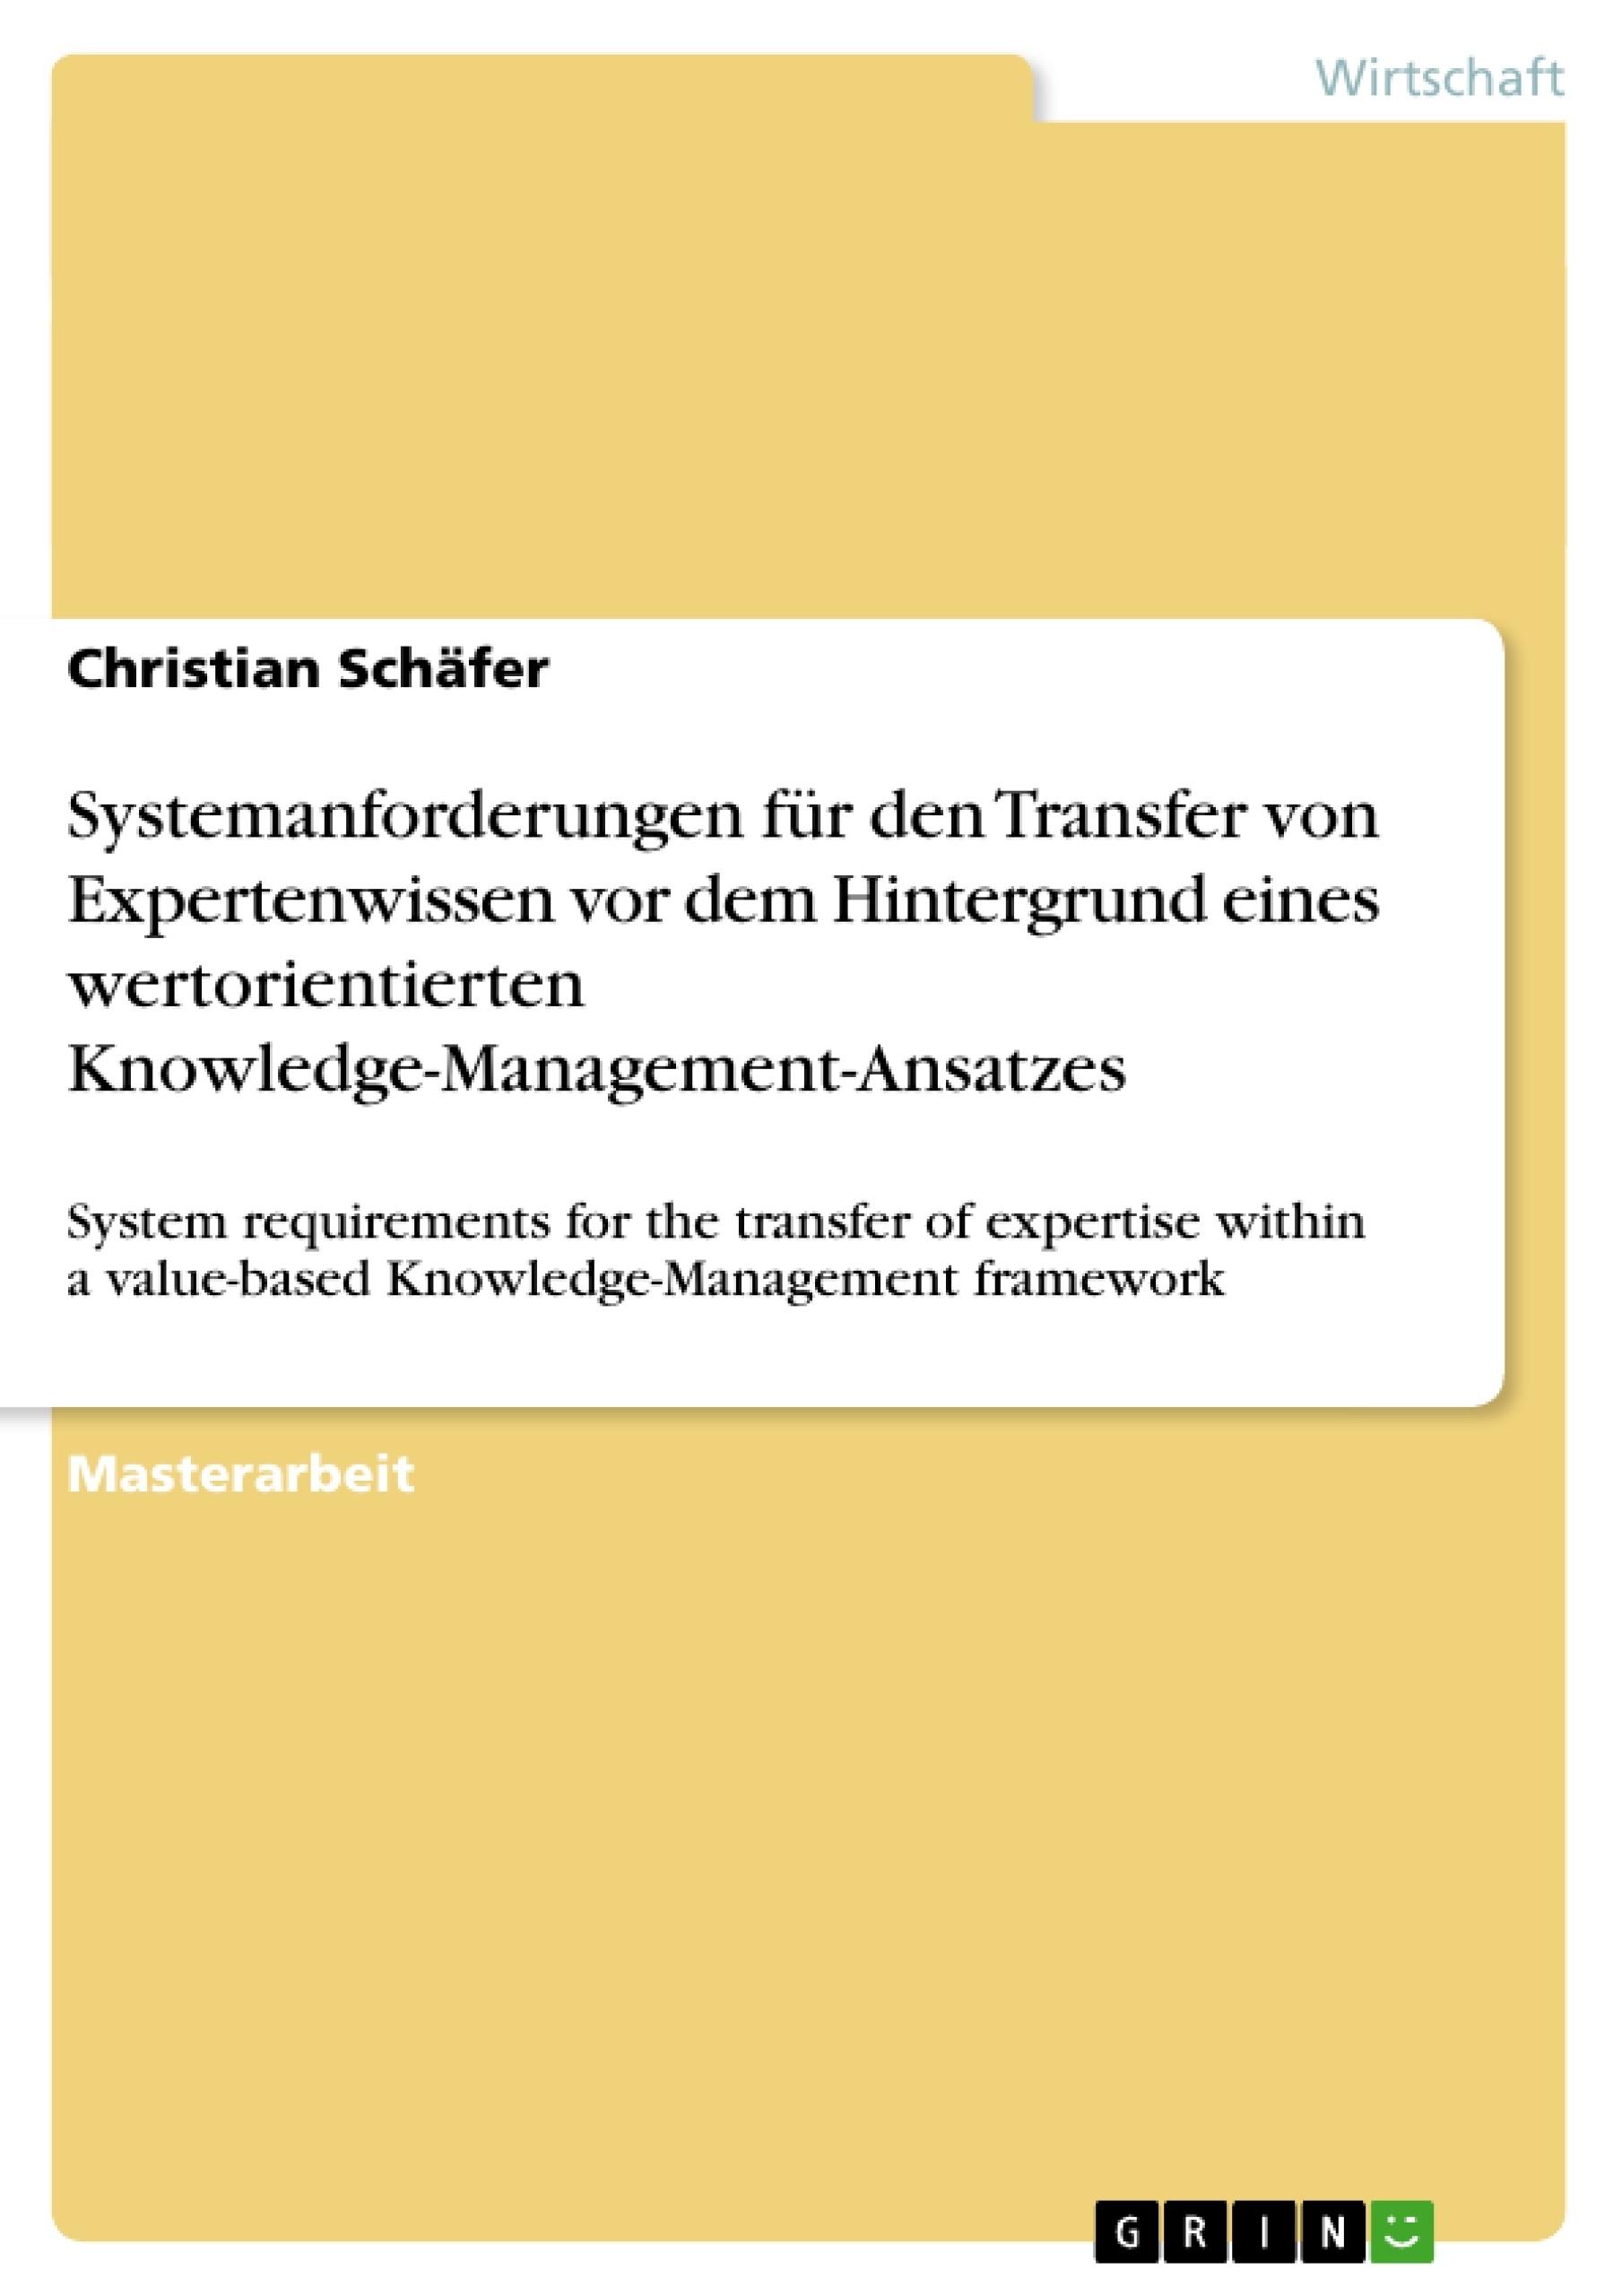 Titel: Systemanforderungen für den Transfer von Expertenwissen  vor dem Hintergrund eines wertorientierten  Knowledge-Management-Ansatzes